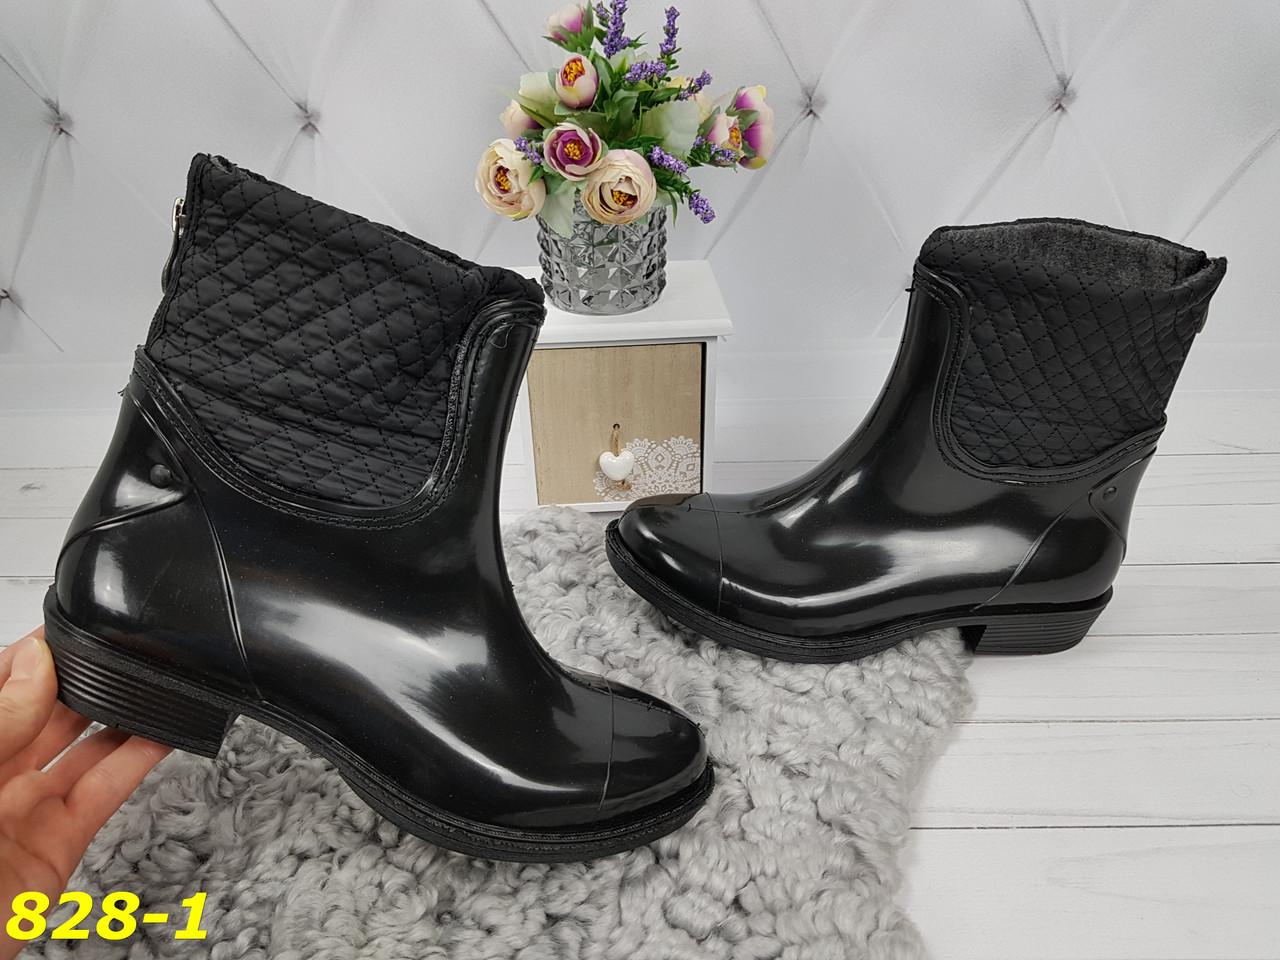 05169e1f9 ... Полусапожки ботинки резиновые непромокаемые утепленные со змейкой сзади,  ...